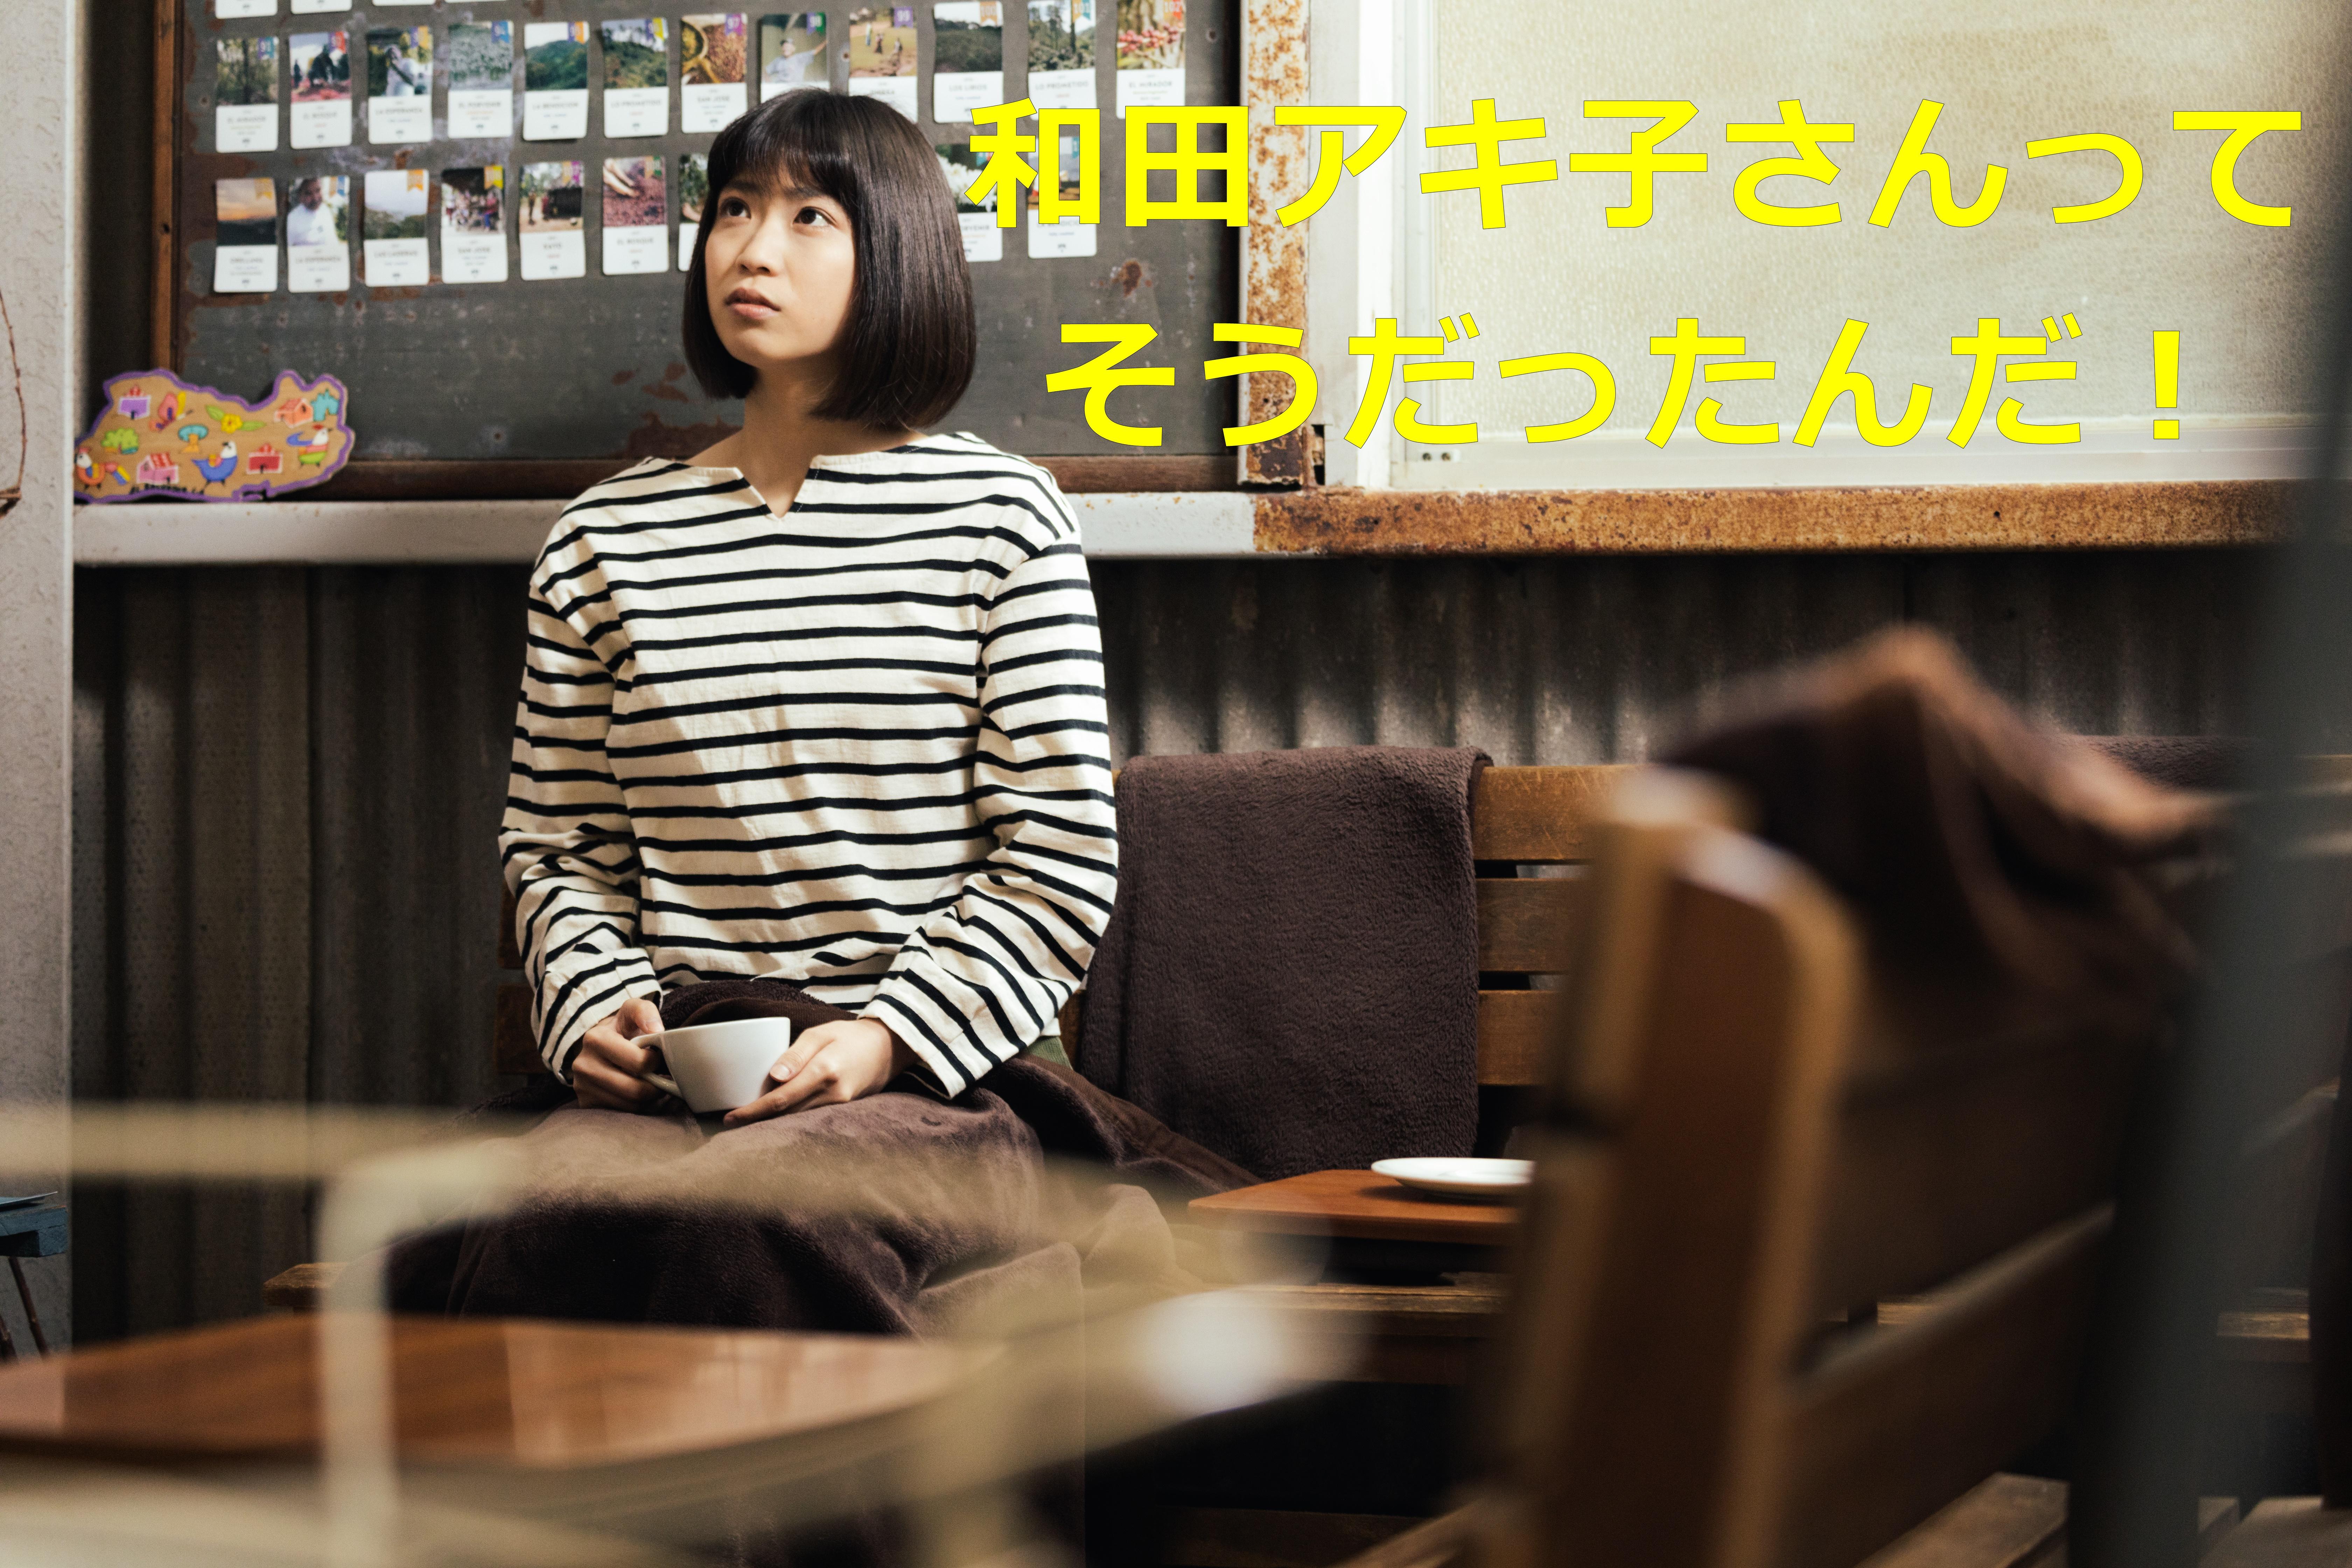 和田アキ子は在日韓国人で本名は?家族構成や夫についても調査!